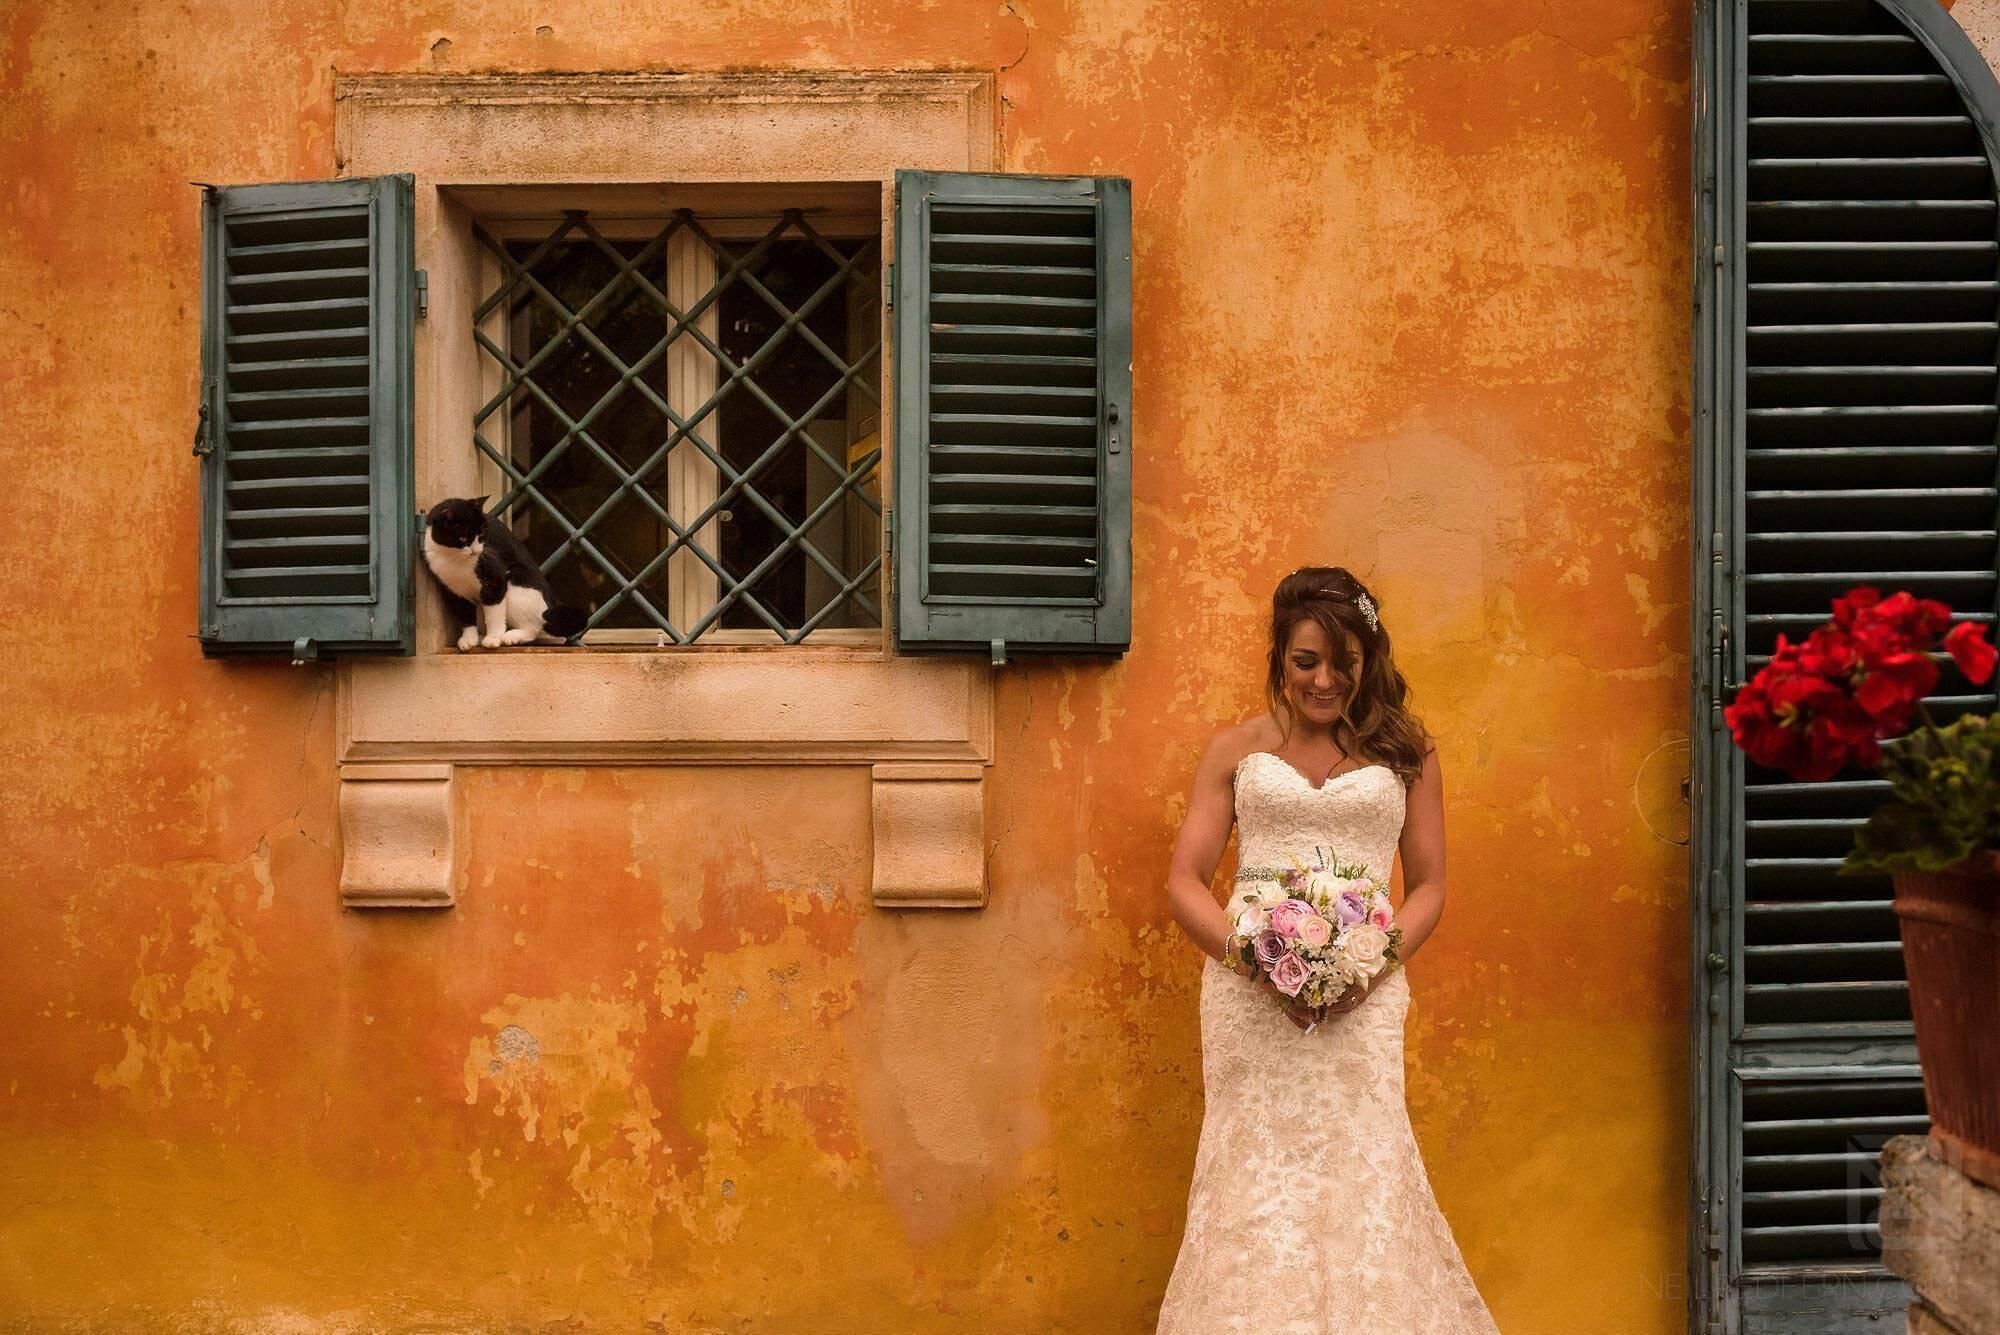 portrait photograph of bride